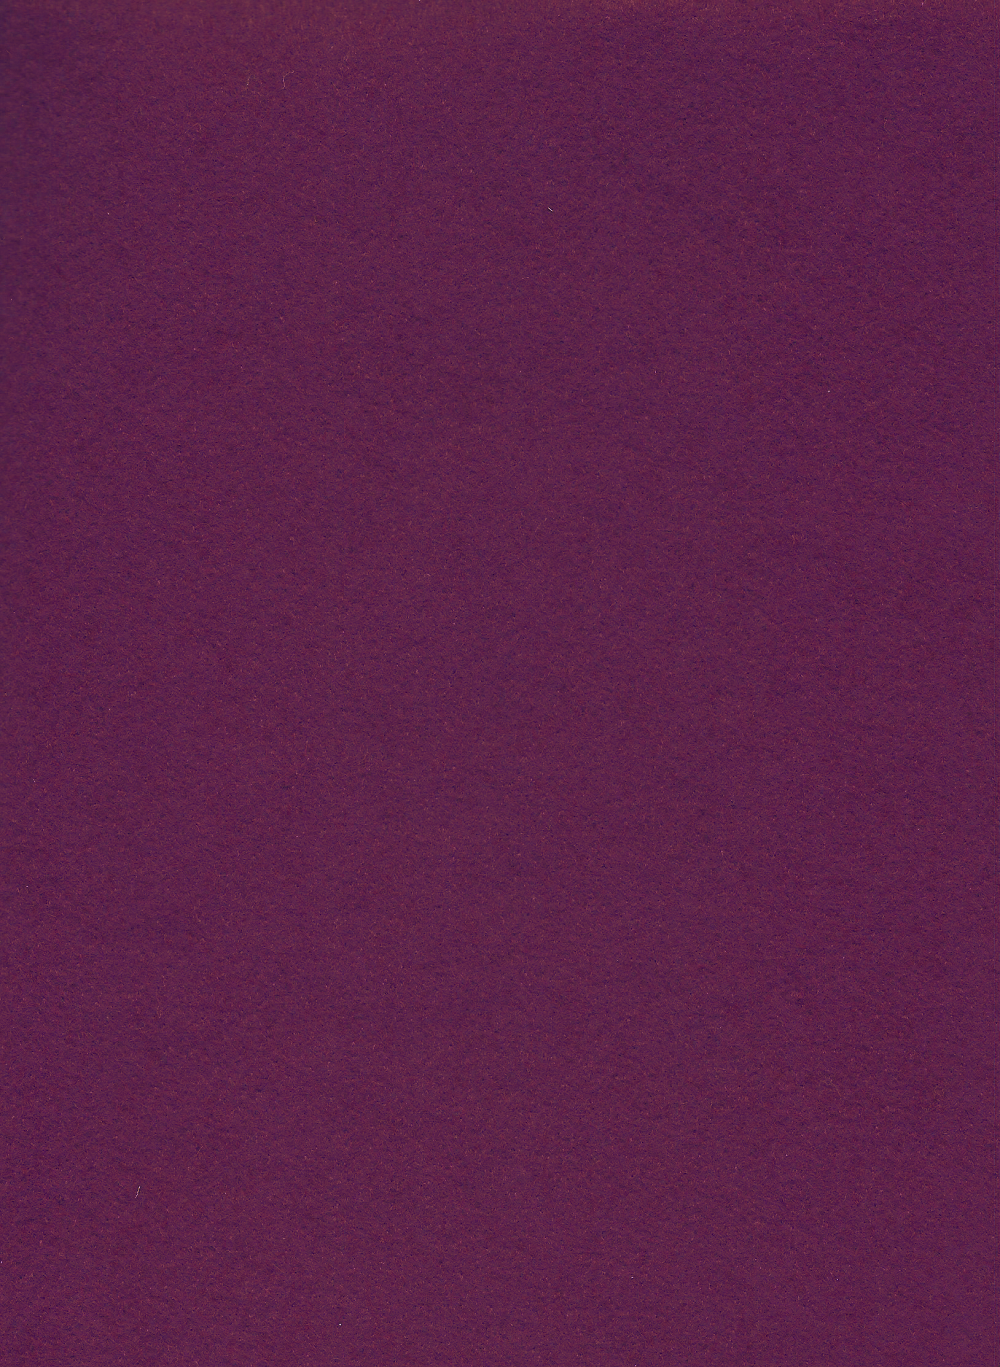 Purple Rain - 12 x 18 Square